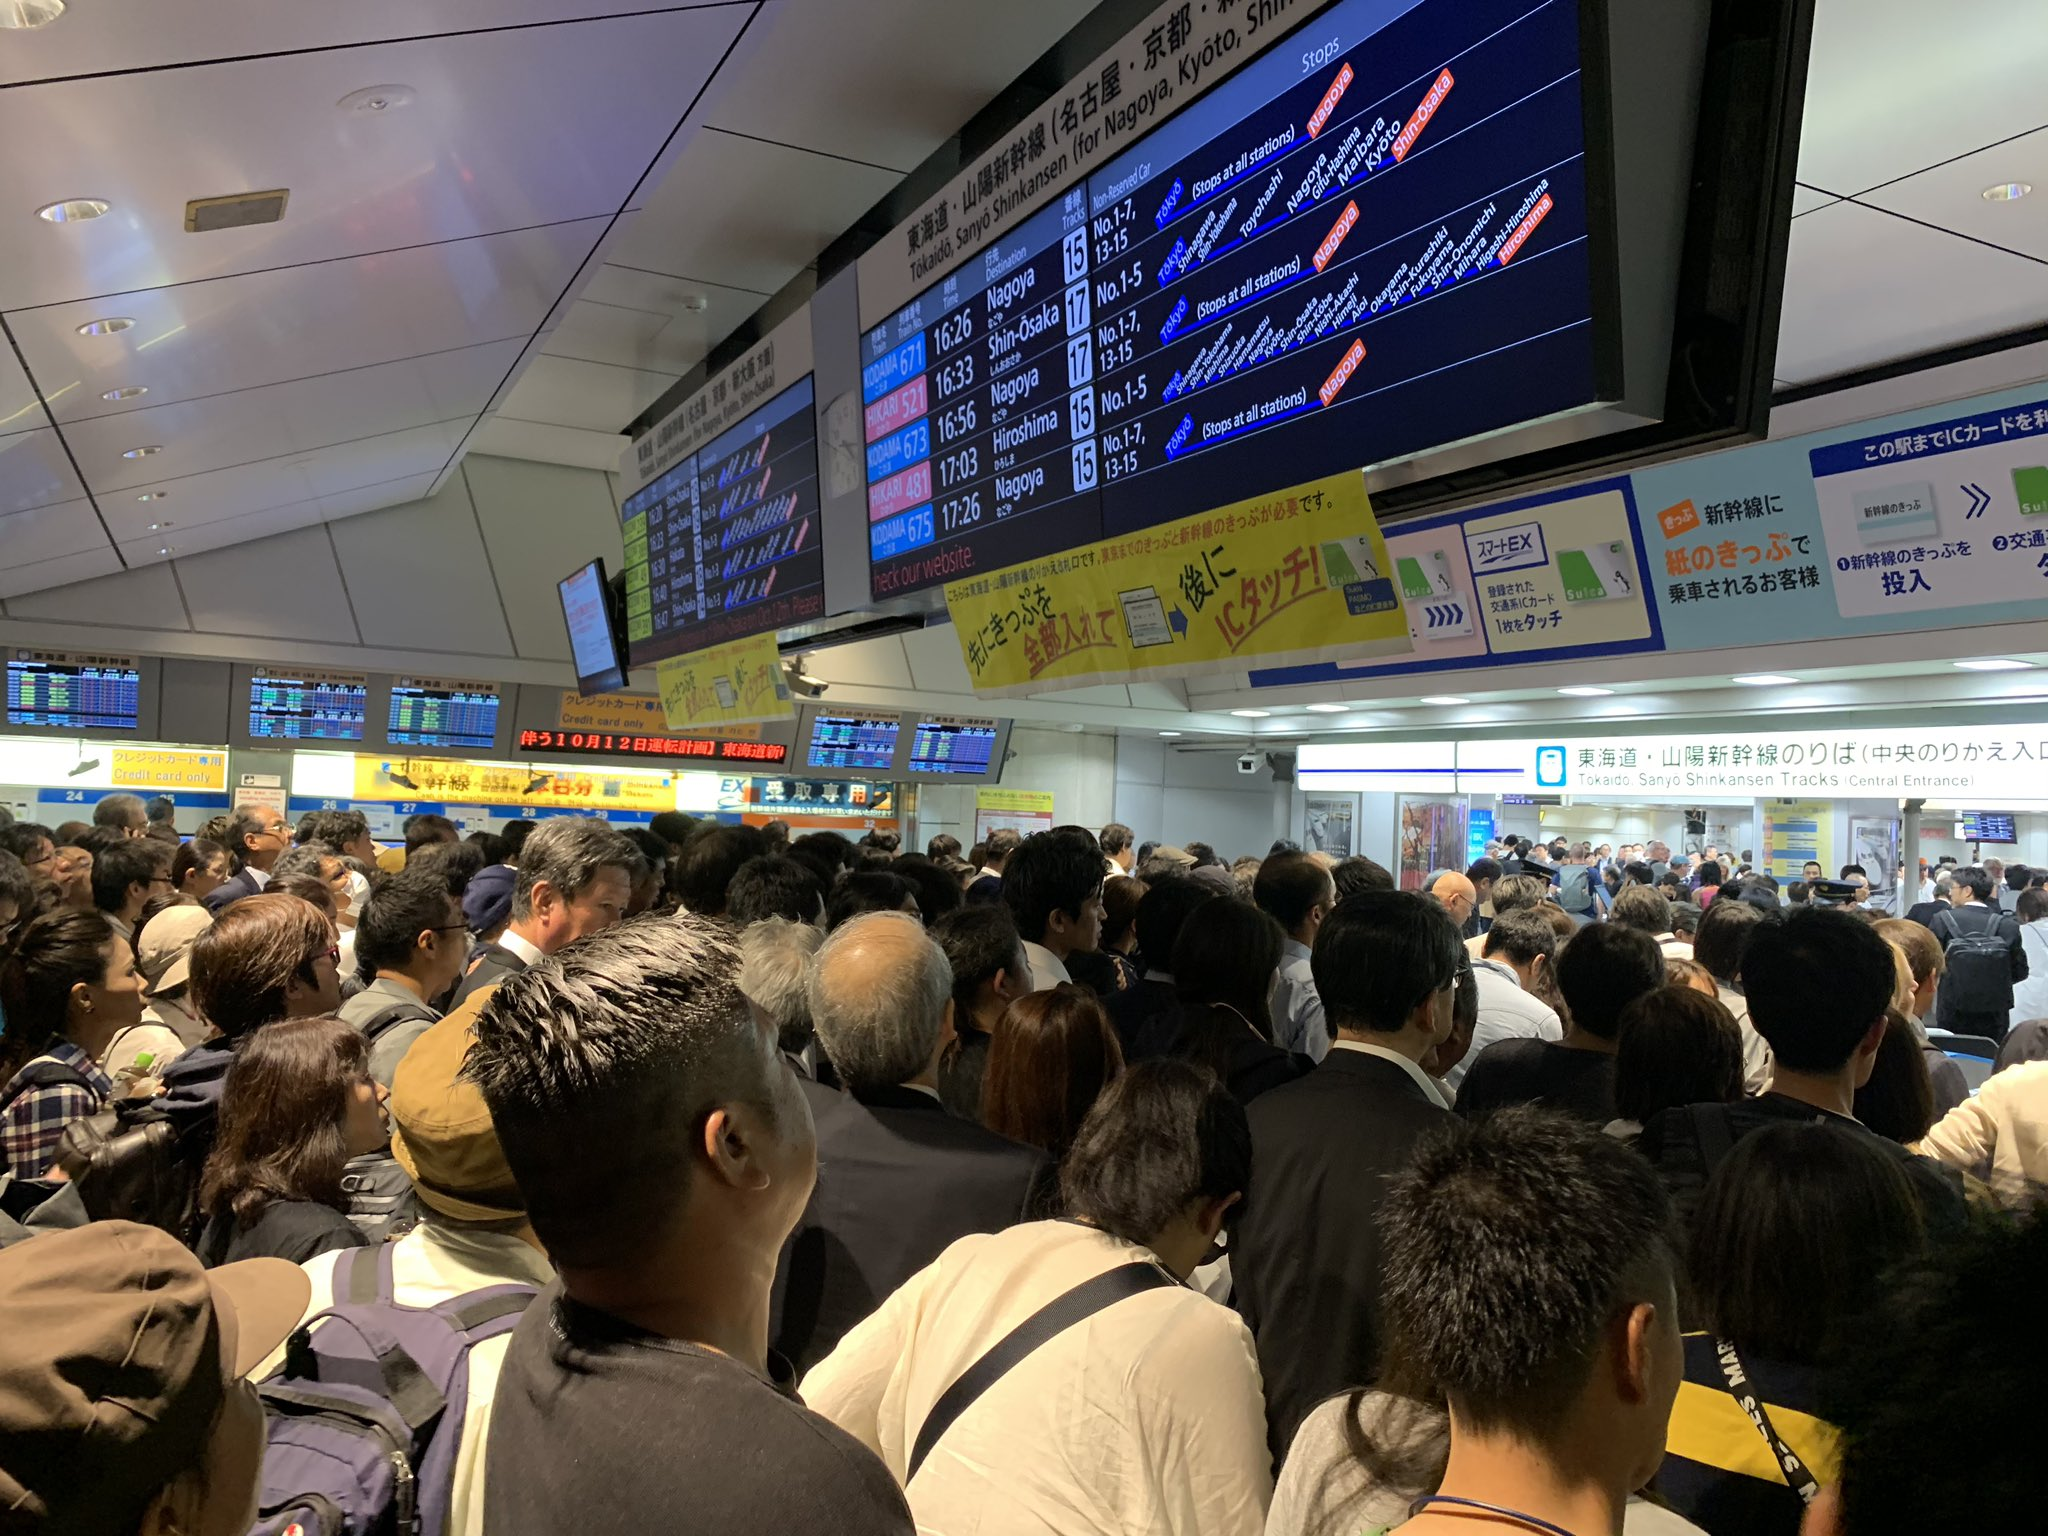 東京駅の改札が大混雑している現場の画像